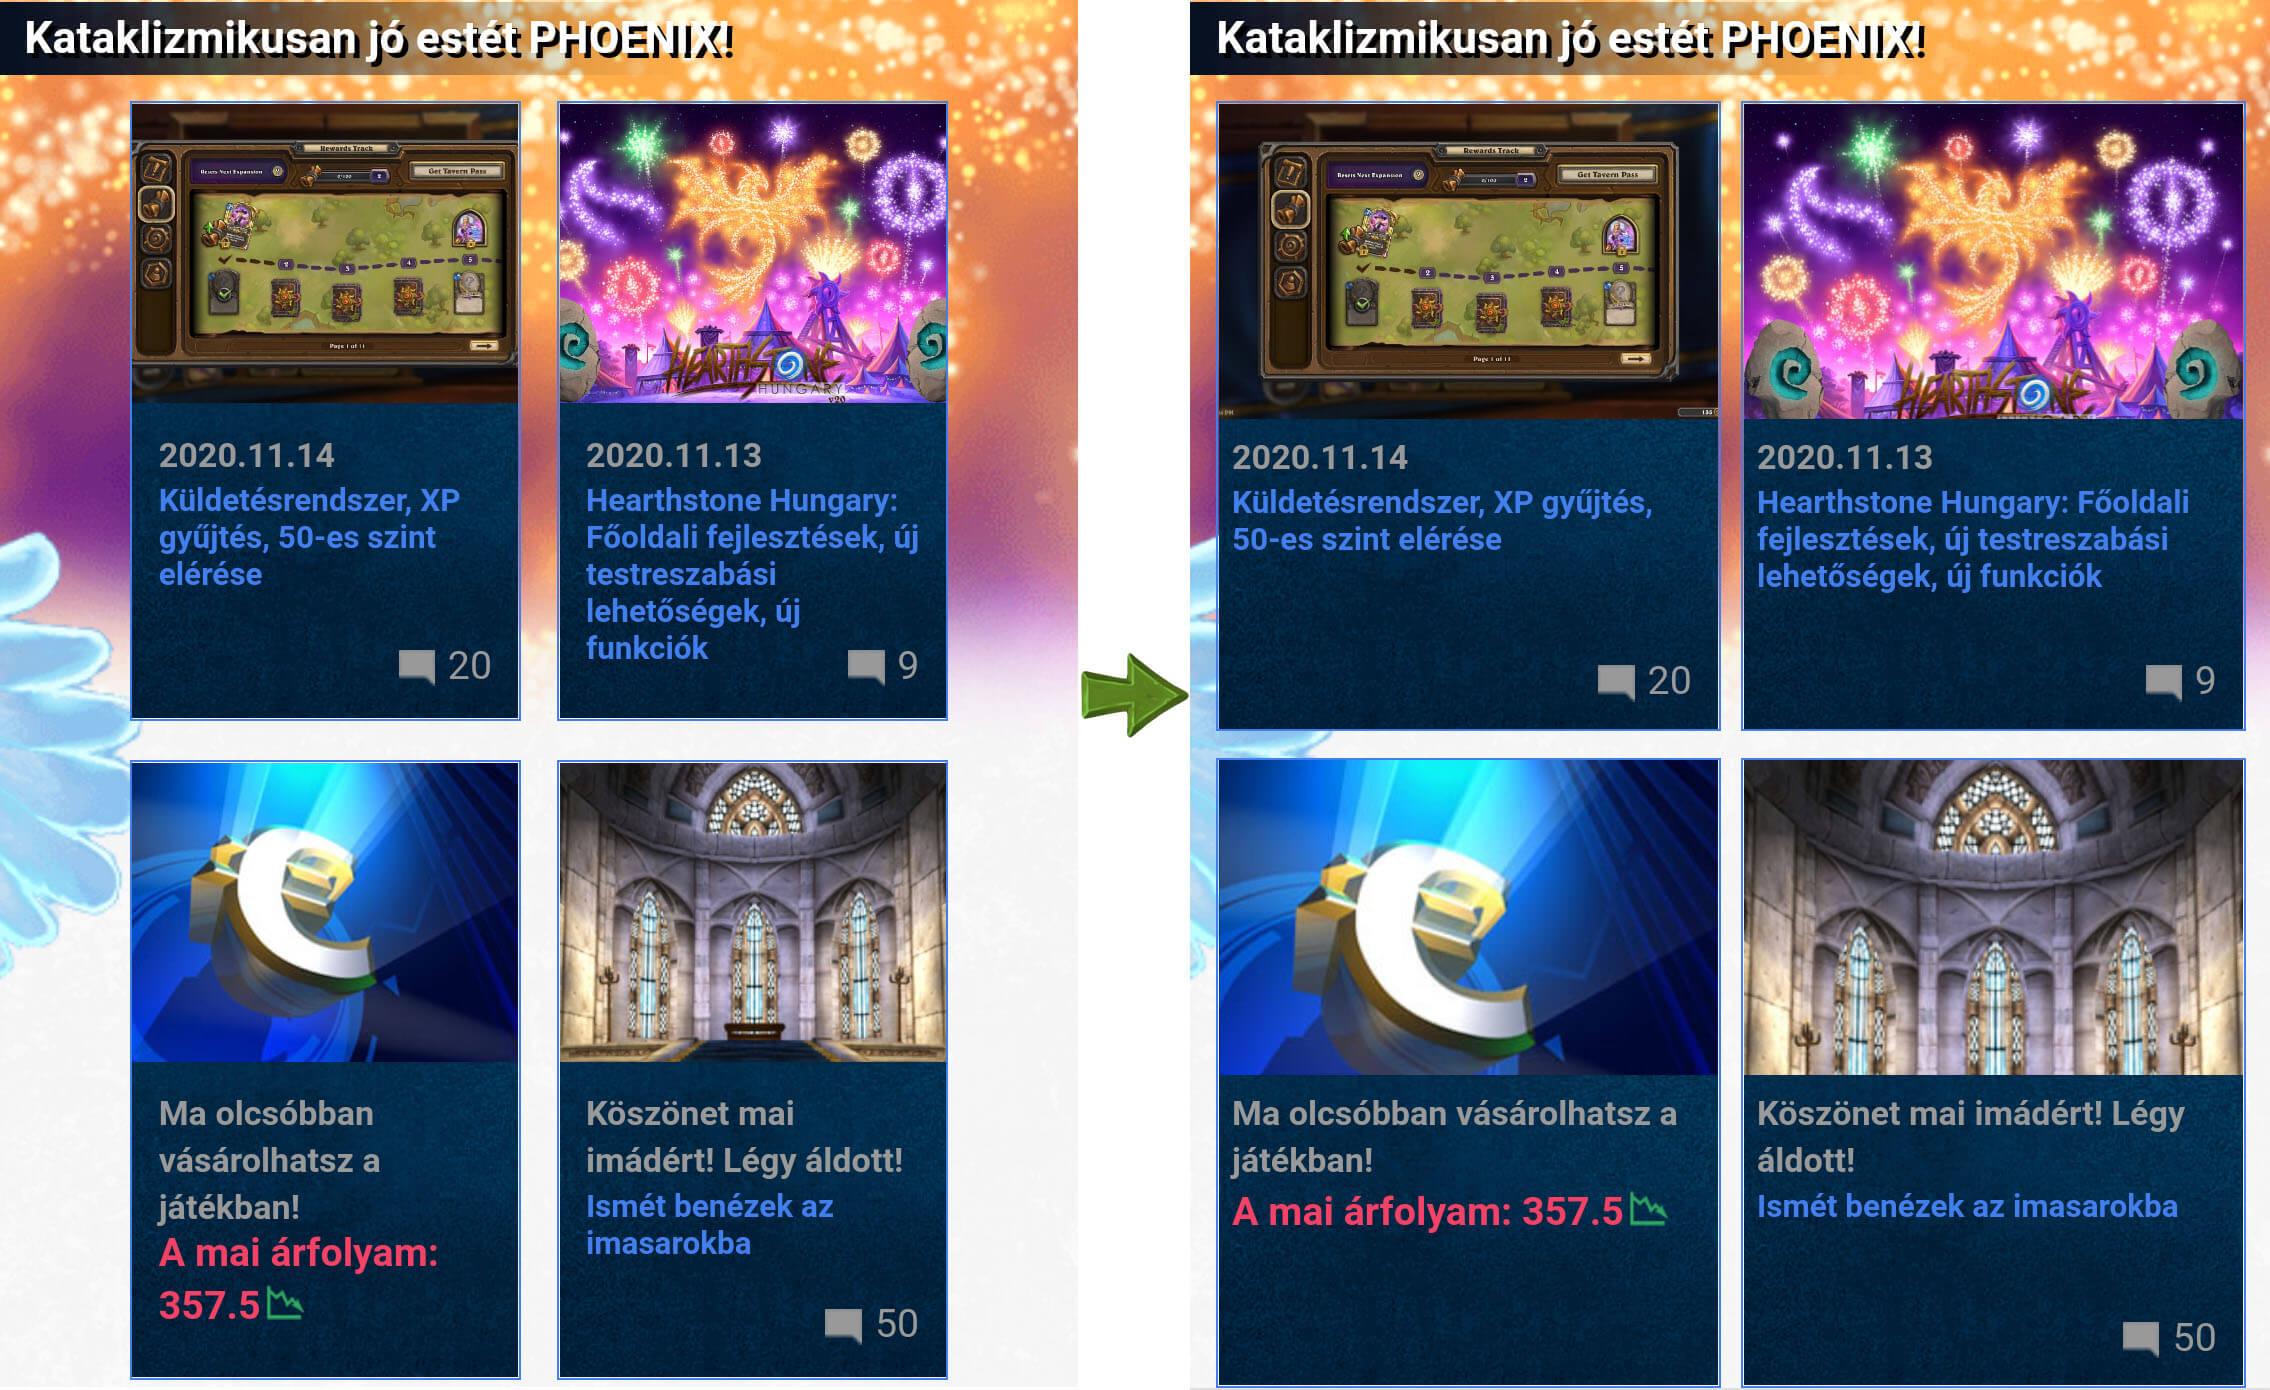 Hearthstone Hungary v19 és v20 összehasonlítás mobilon